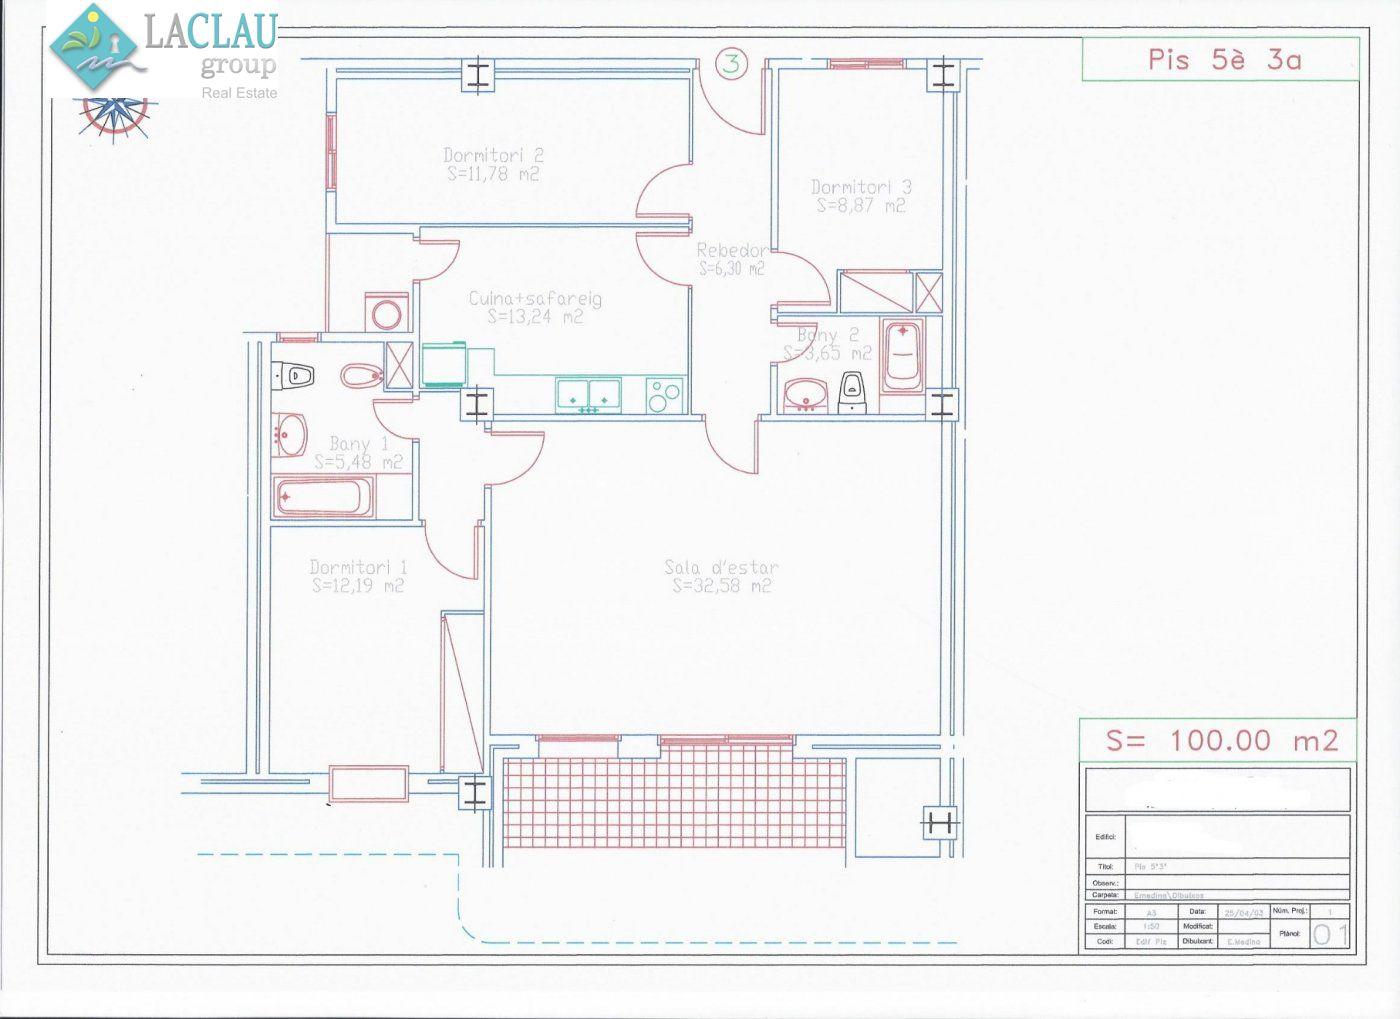 appartement en andorra-la-vella · andorra-la-vella 1100€